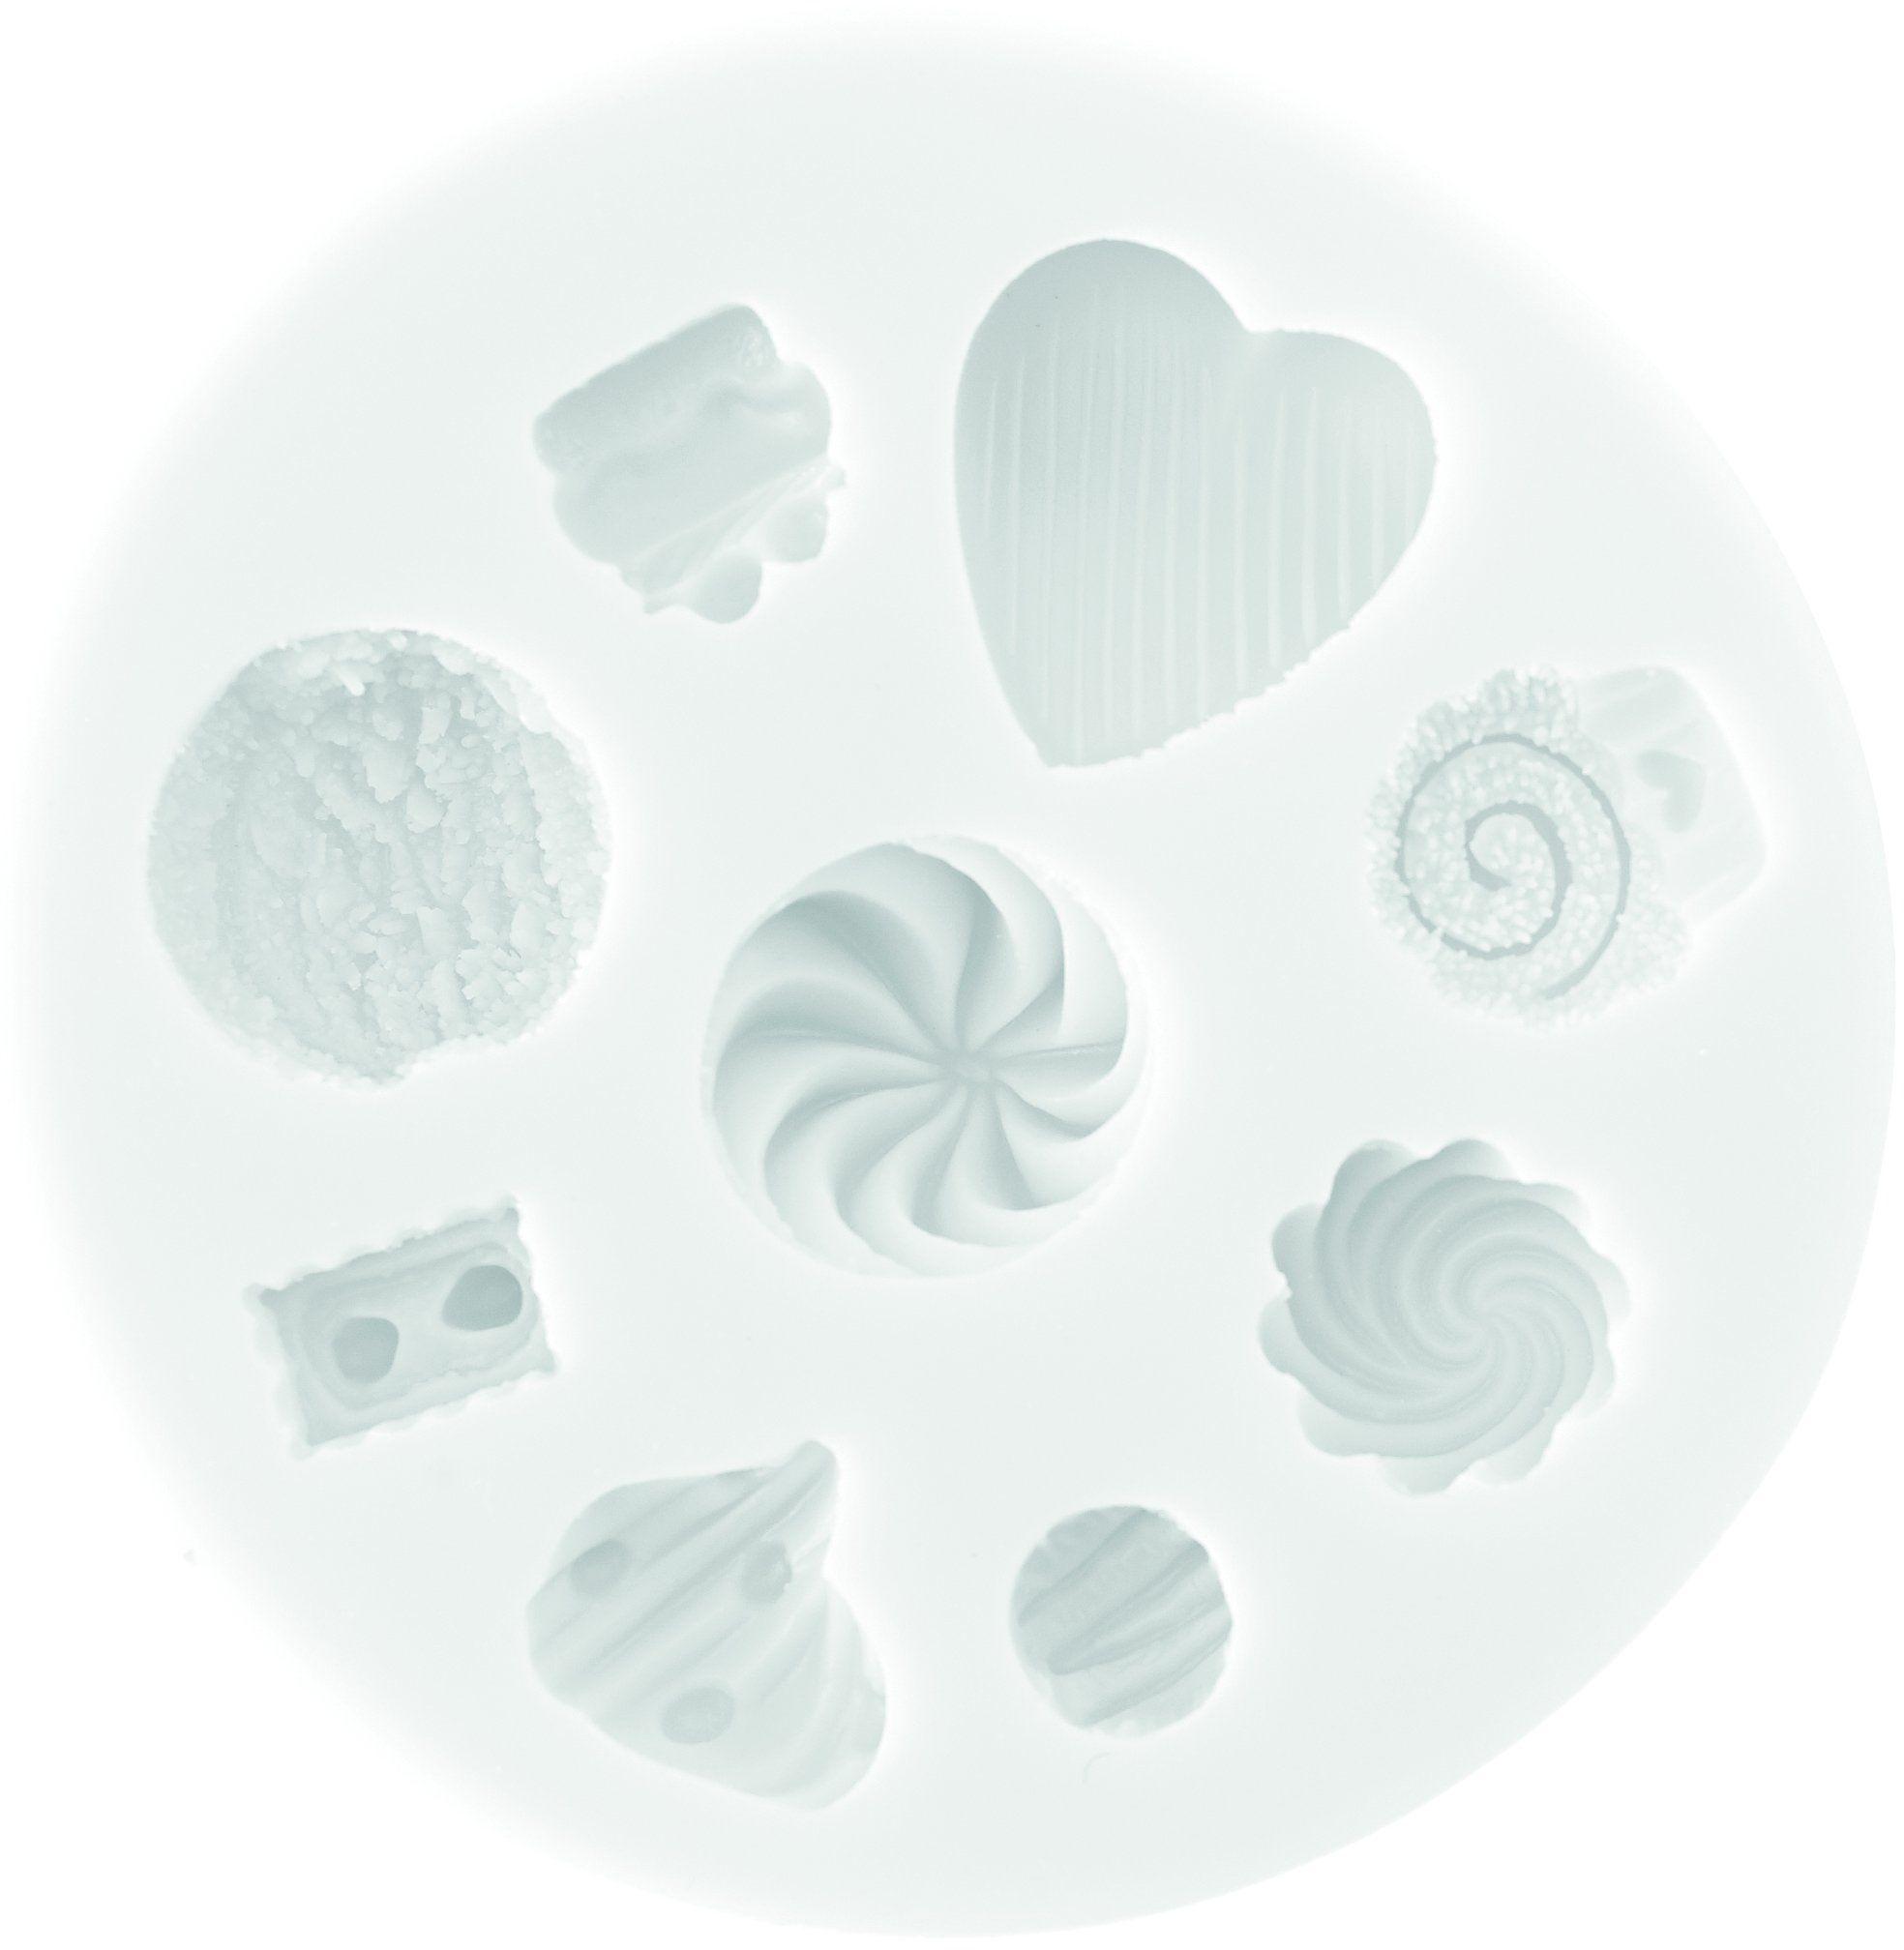 Silikomart 71.487.00.0096 foremka silikonowa do dekoracji tortów SLK387, silikonowa, pyszna, biała